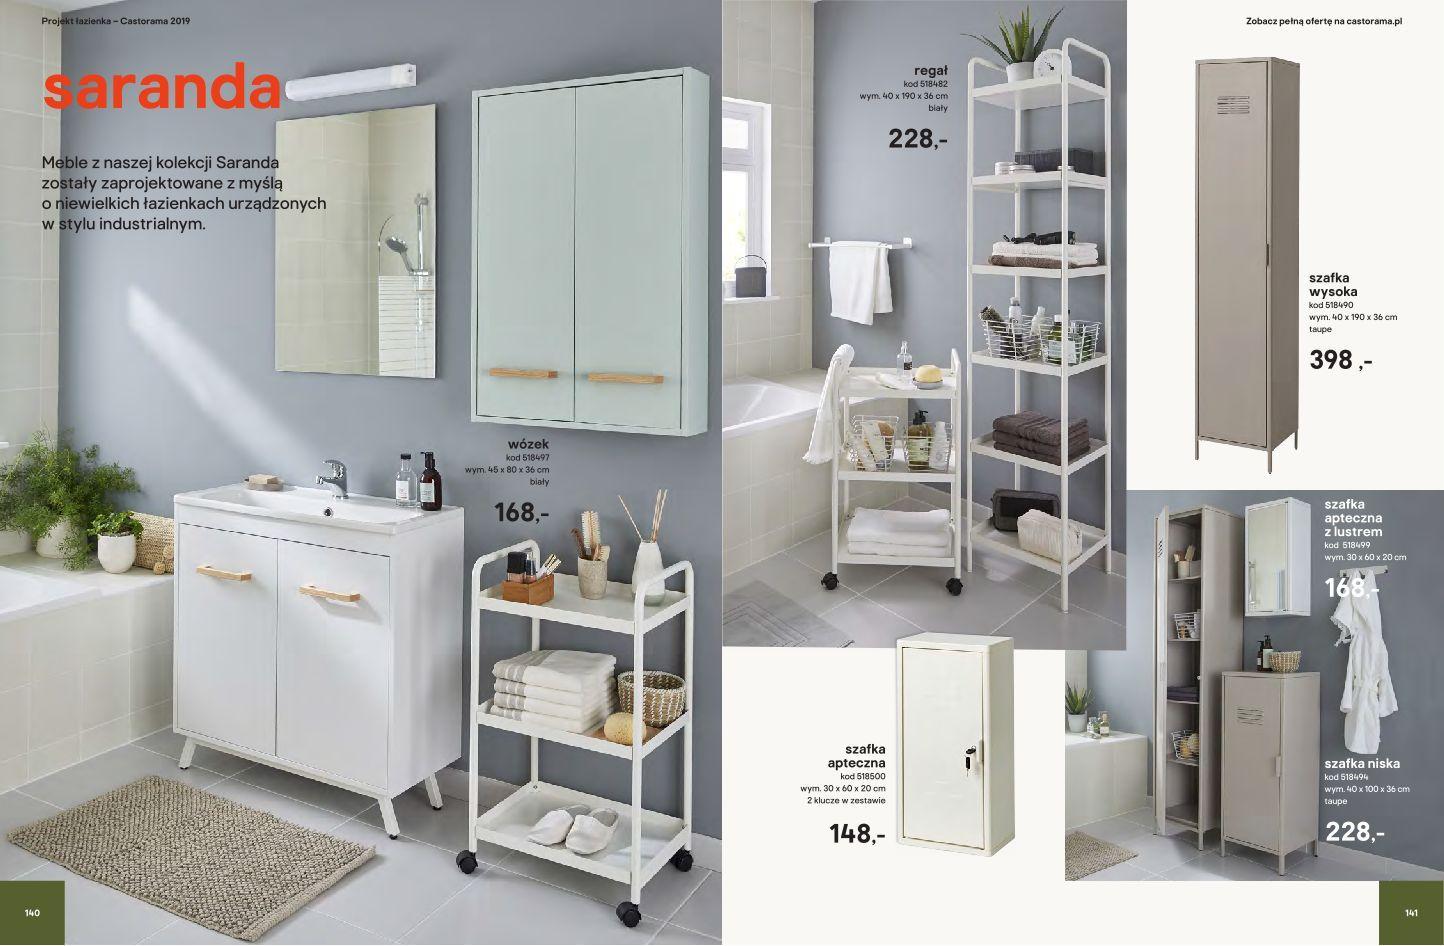 Gazetka Promocyjna I Reklamowa Castorama Katalog łazienki